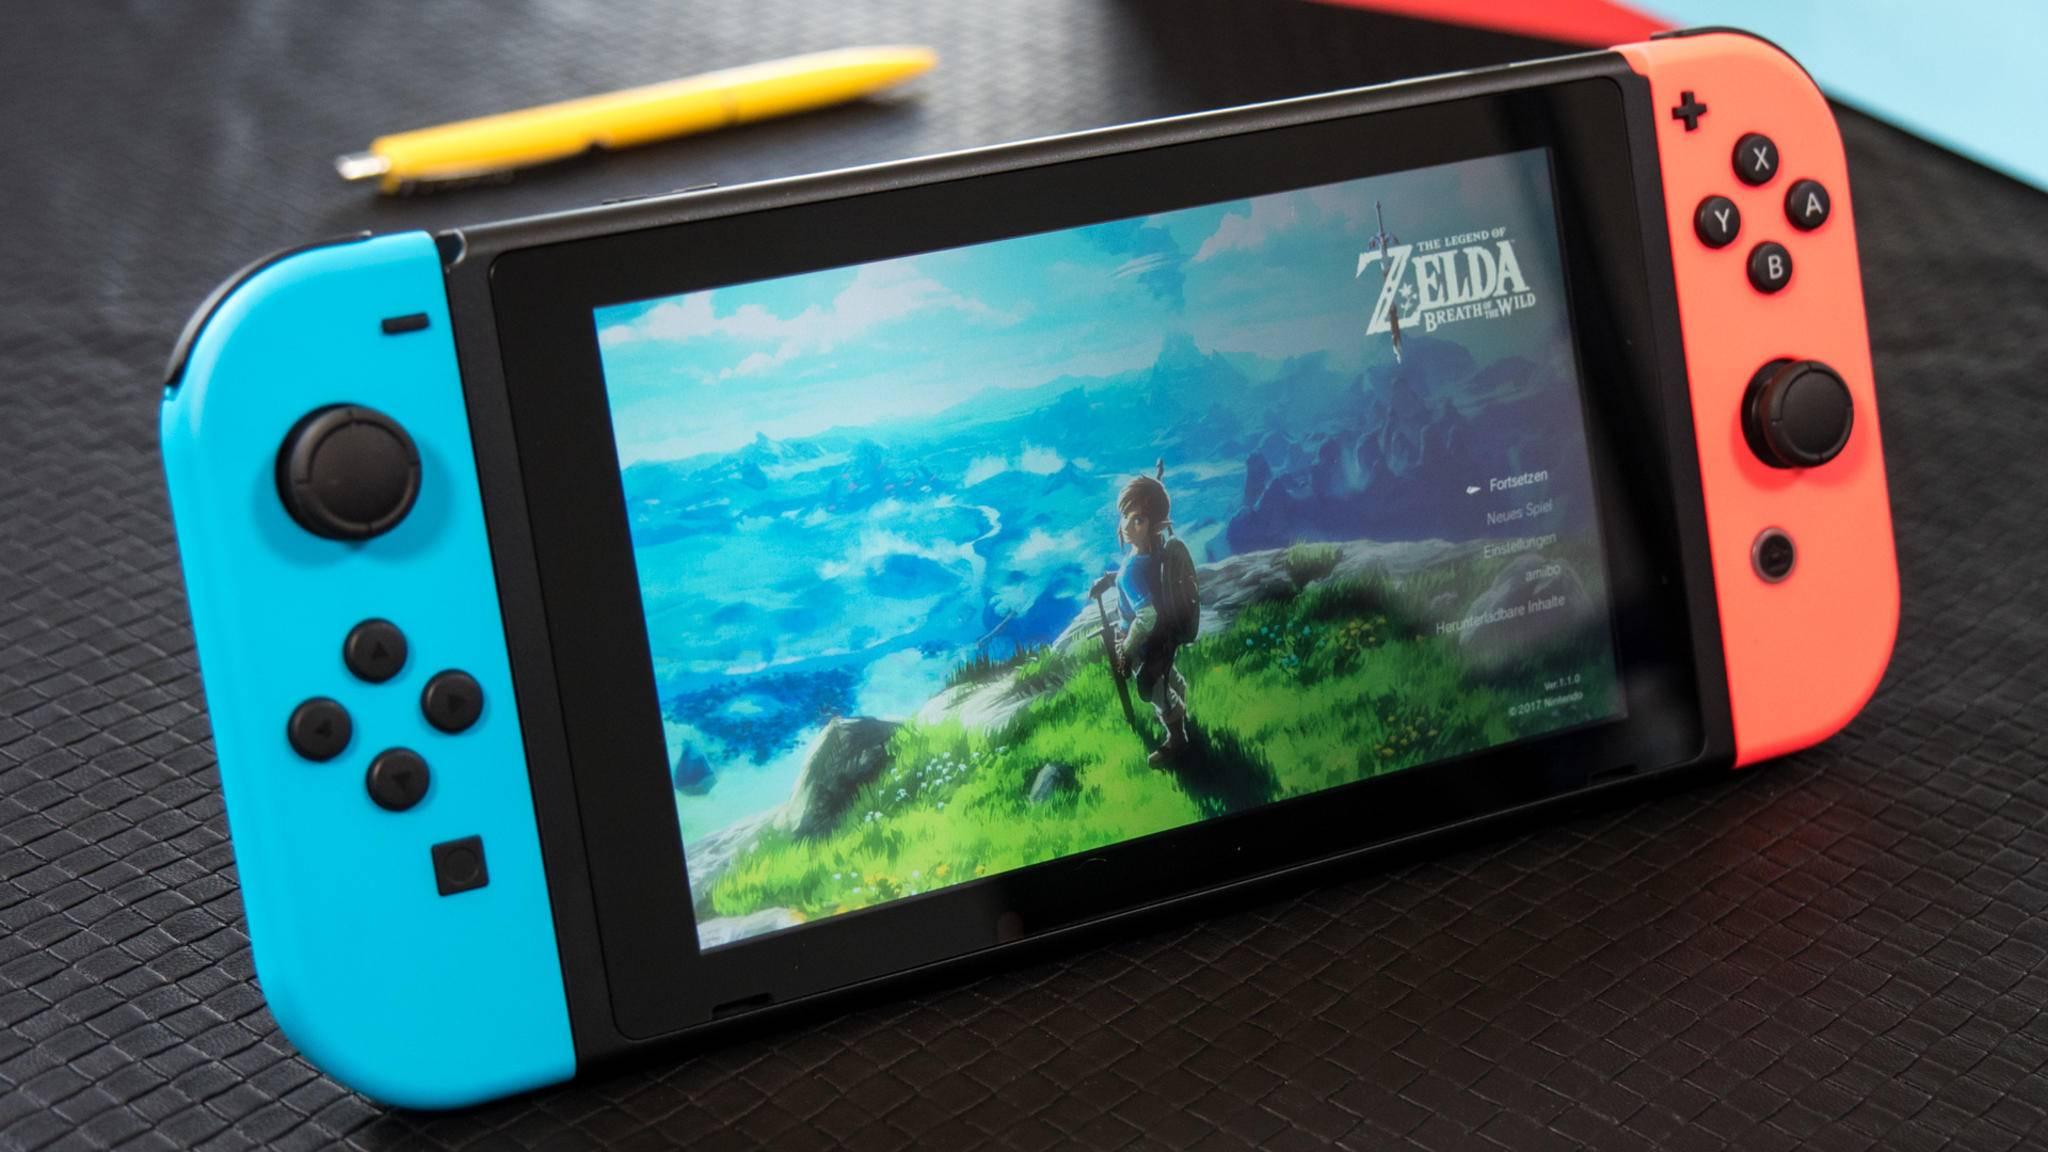 Das Software-Update 3.0.1 soll die Akkuprobleme der Nintendo Switch beheben – aber nur halbherzig.